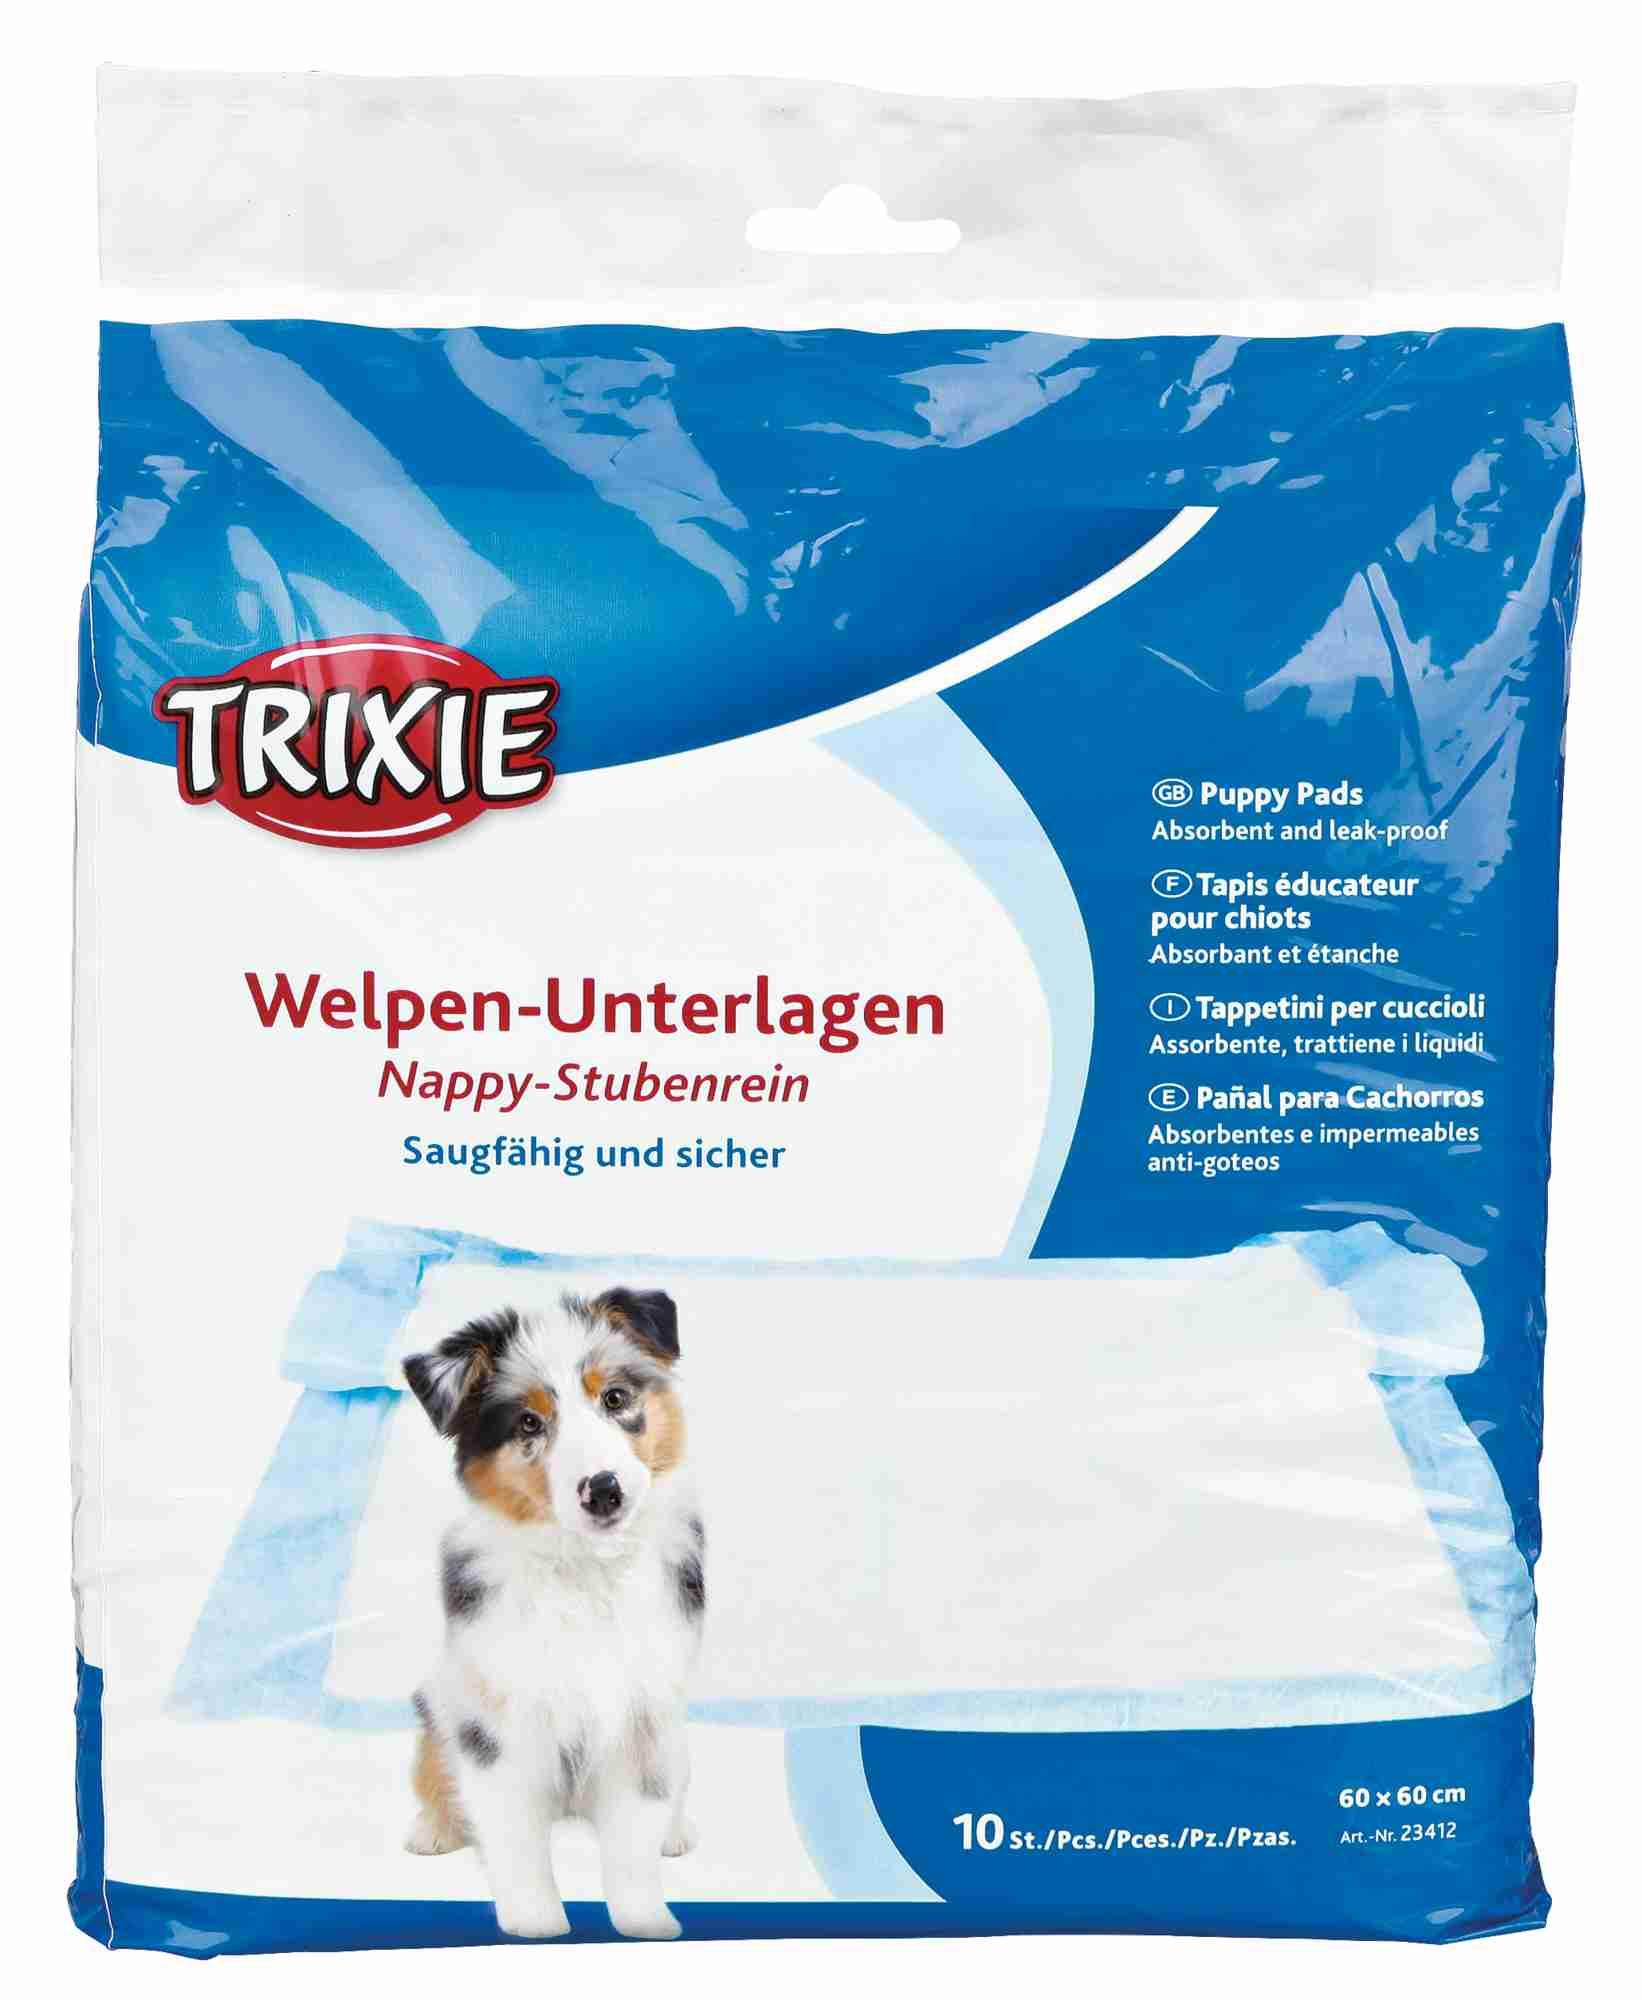 TRIXIE Welpen-Unterlage Nappy TRIXIE Hygiene-Unterlage Nappy, 60 × 60 cm, 10 St.